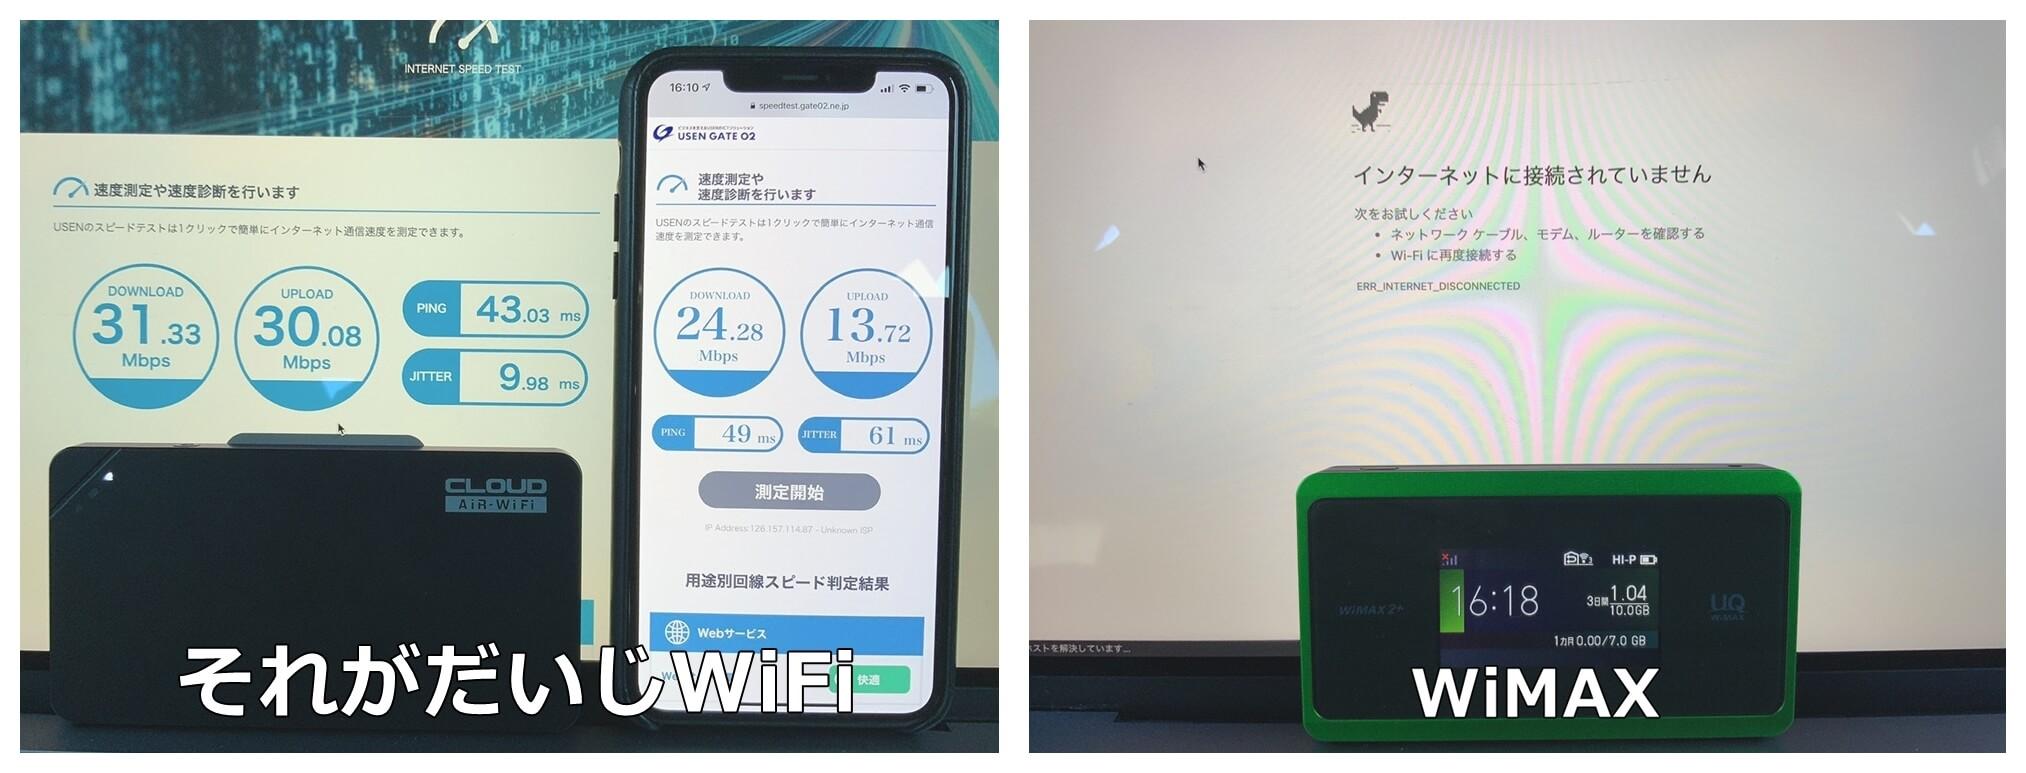 兵庫県神戸市でのそれがだいじWiFiとWiMAXの計測データ(通信速度)